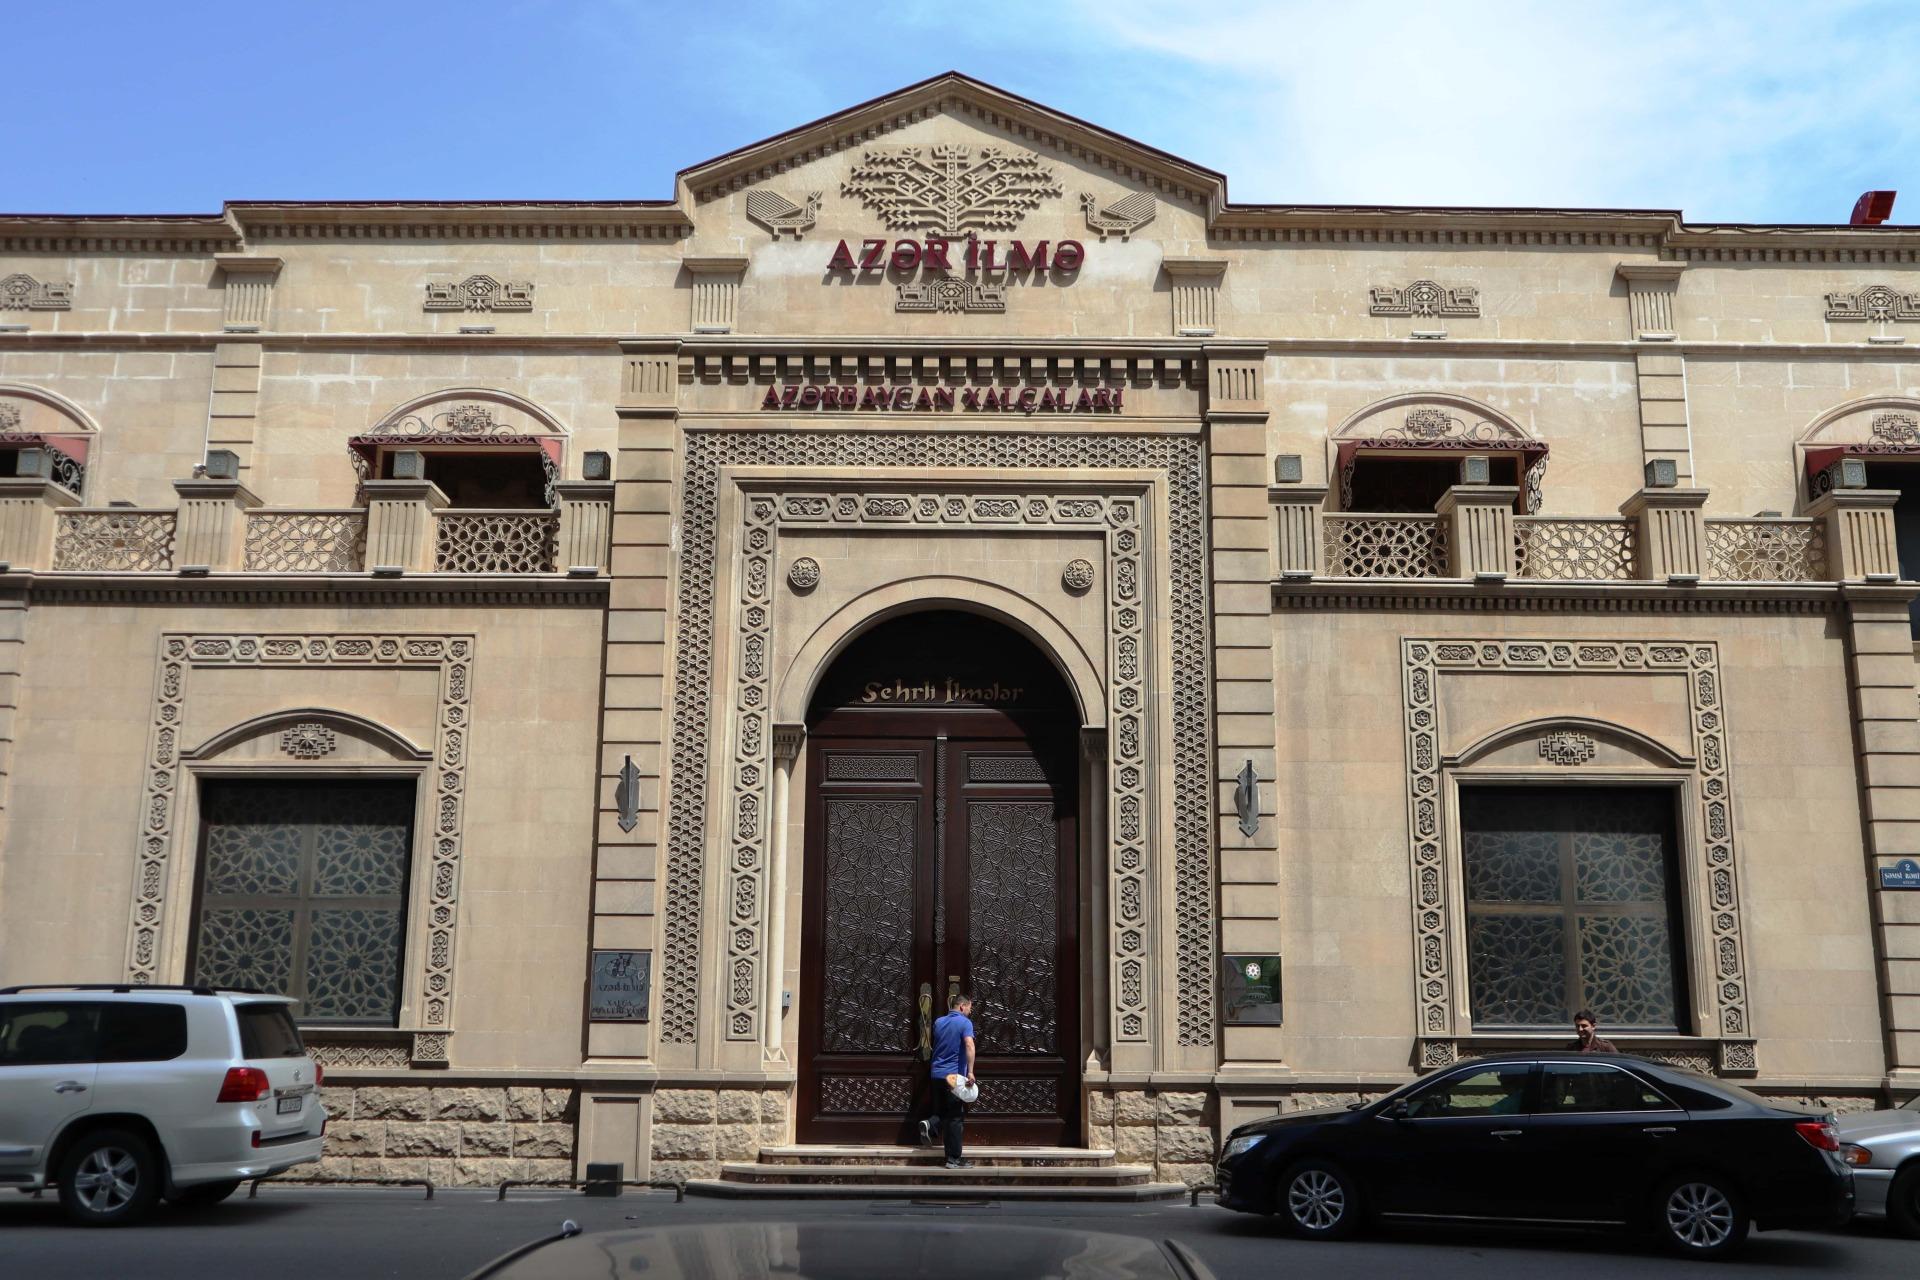 Azər-İlmə is a carpet gallery/workshop located in suburban Baku.